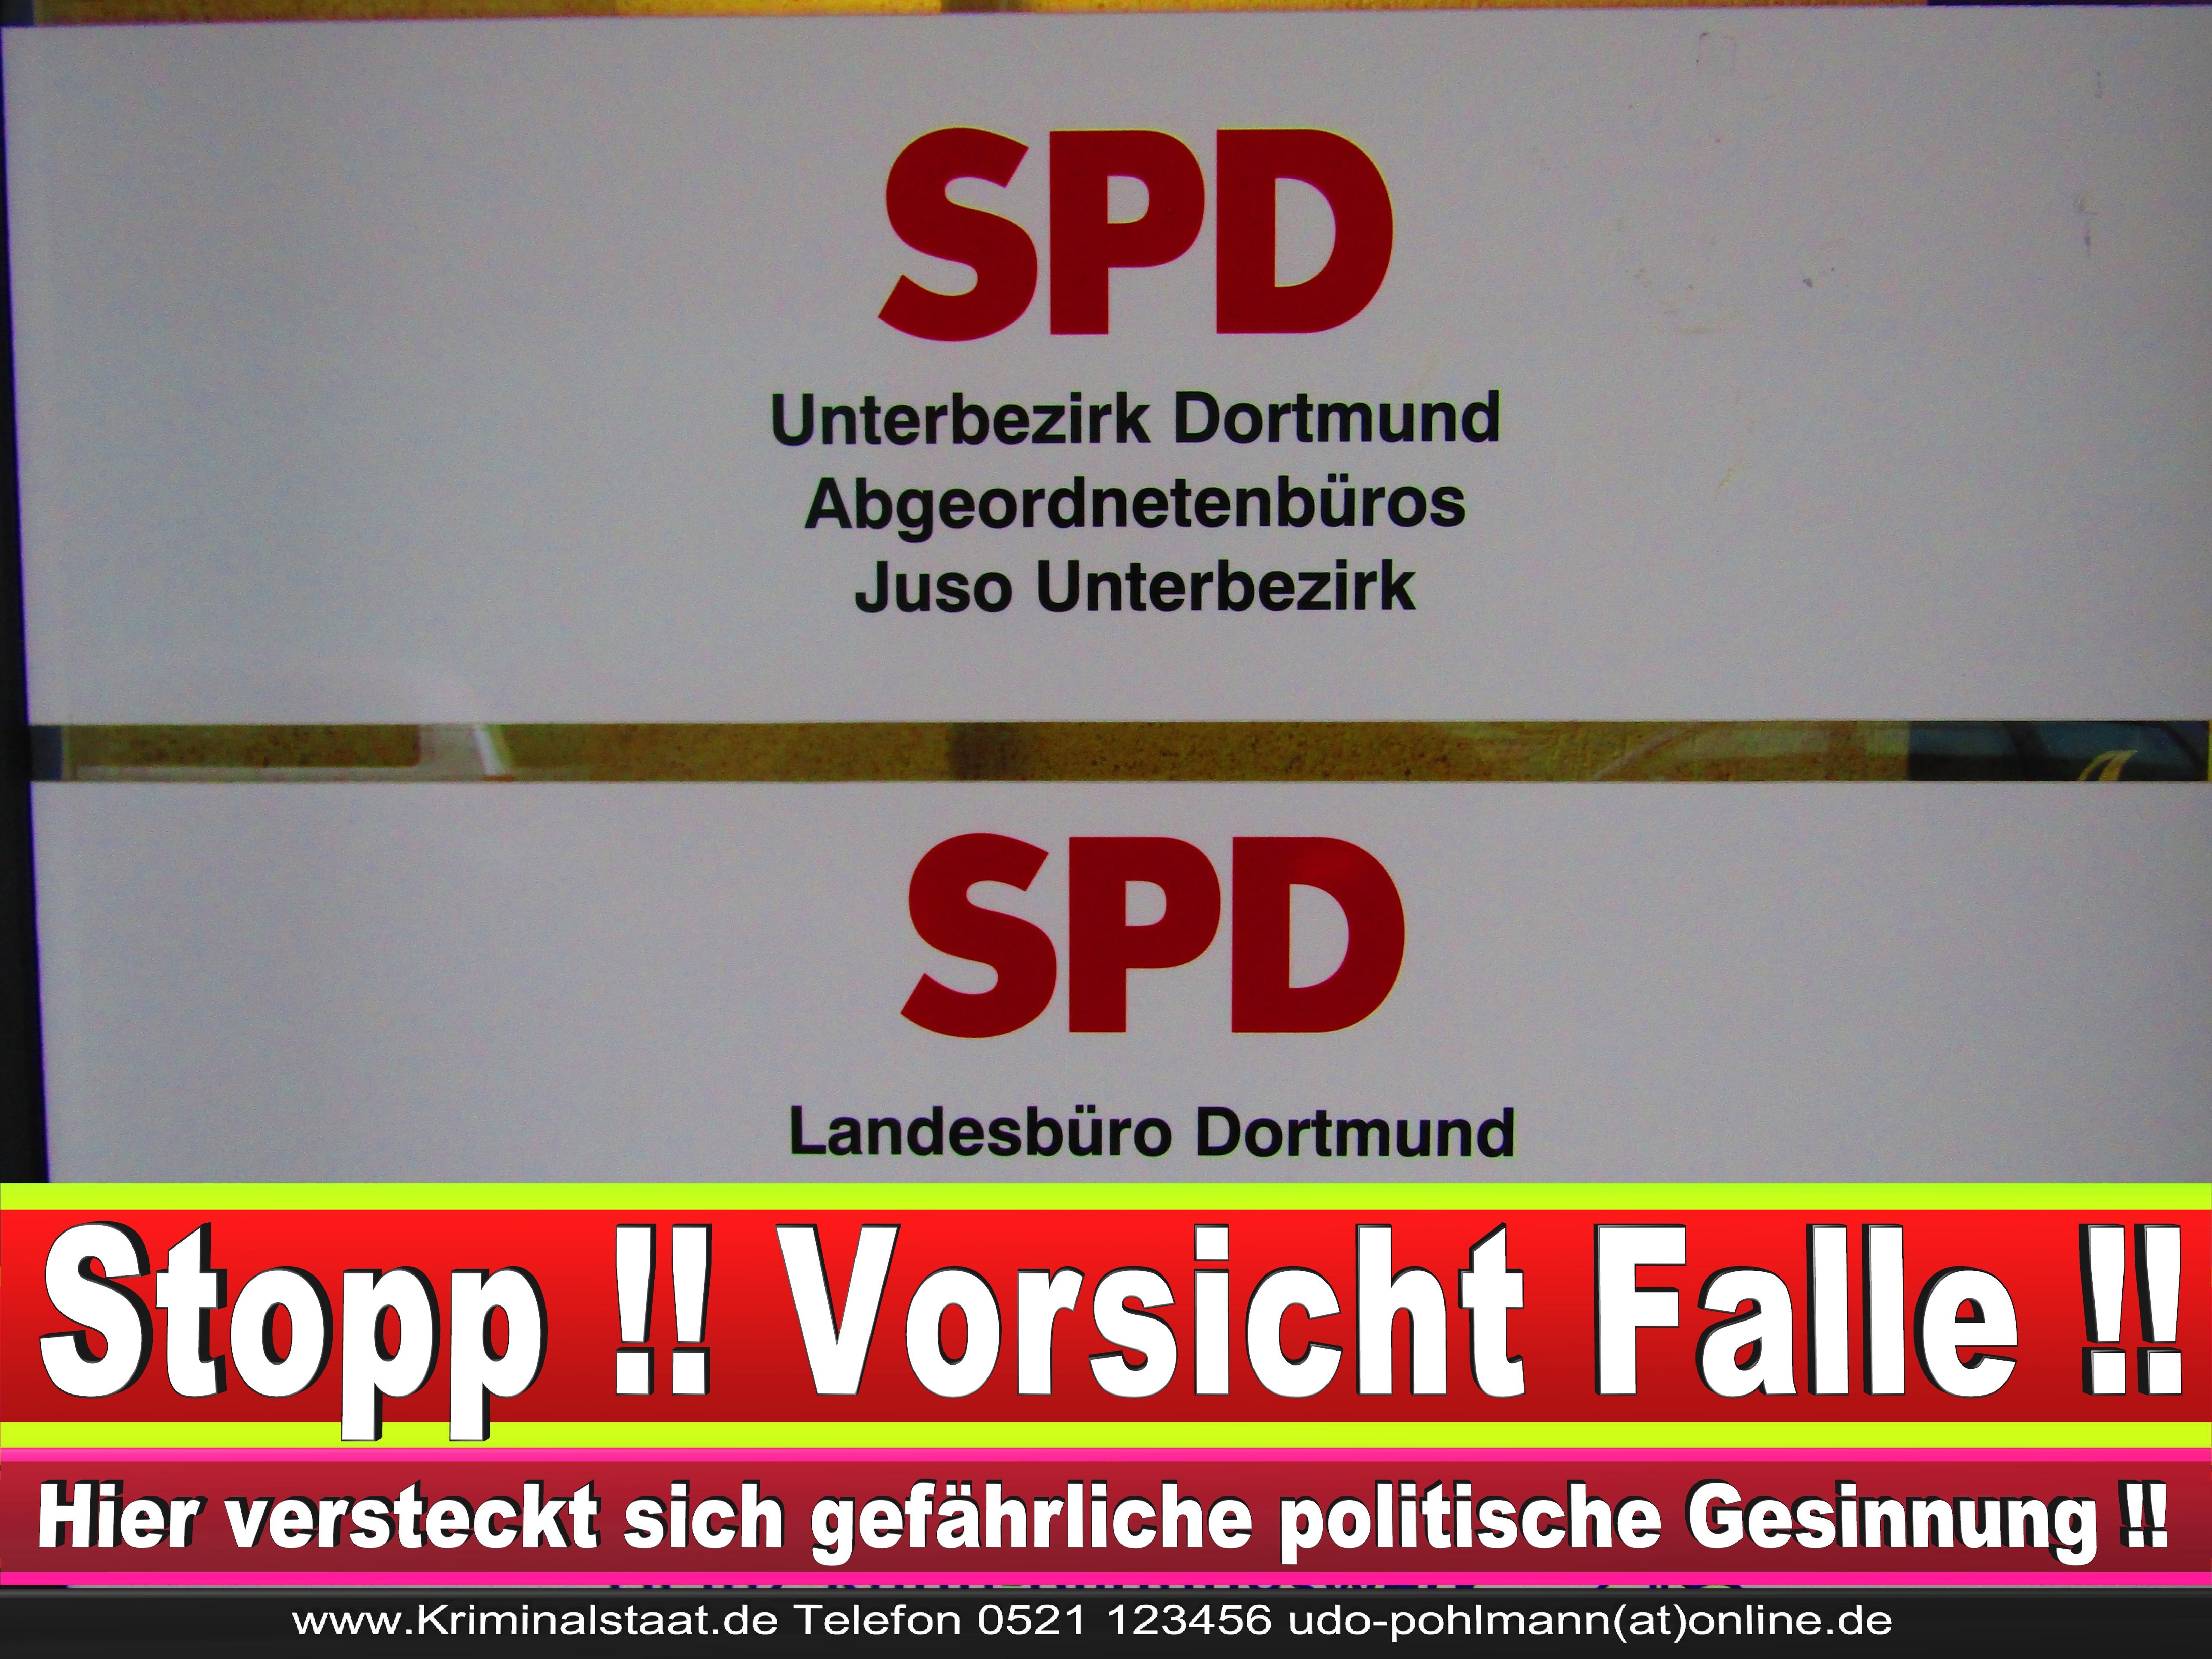 SPD DORTMUND UNTERBEZIRK BüRGERBüRO SPD ORTSVERBAND RAT STADT RATSMITGLIEDER SPD FRAKTION SPD NRW ADRESSE (8) 1